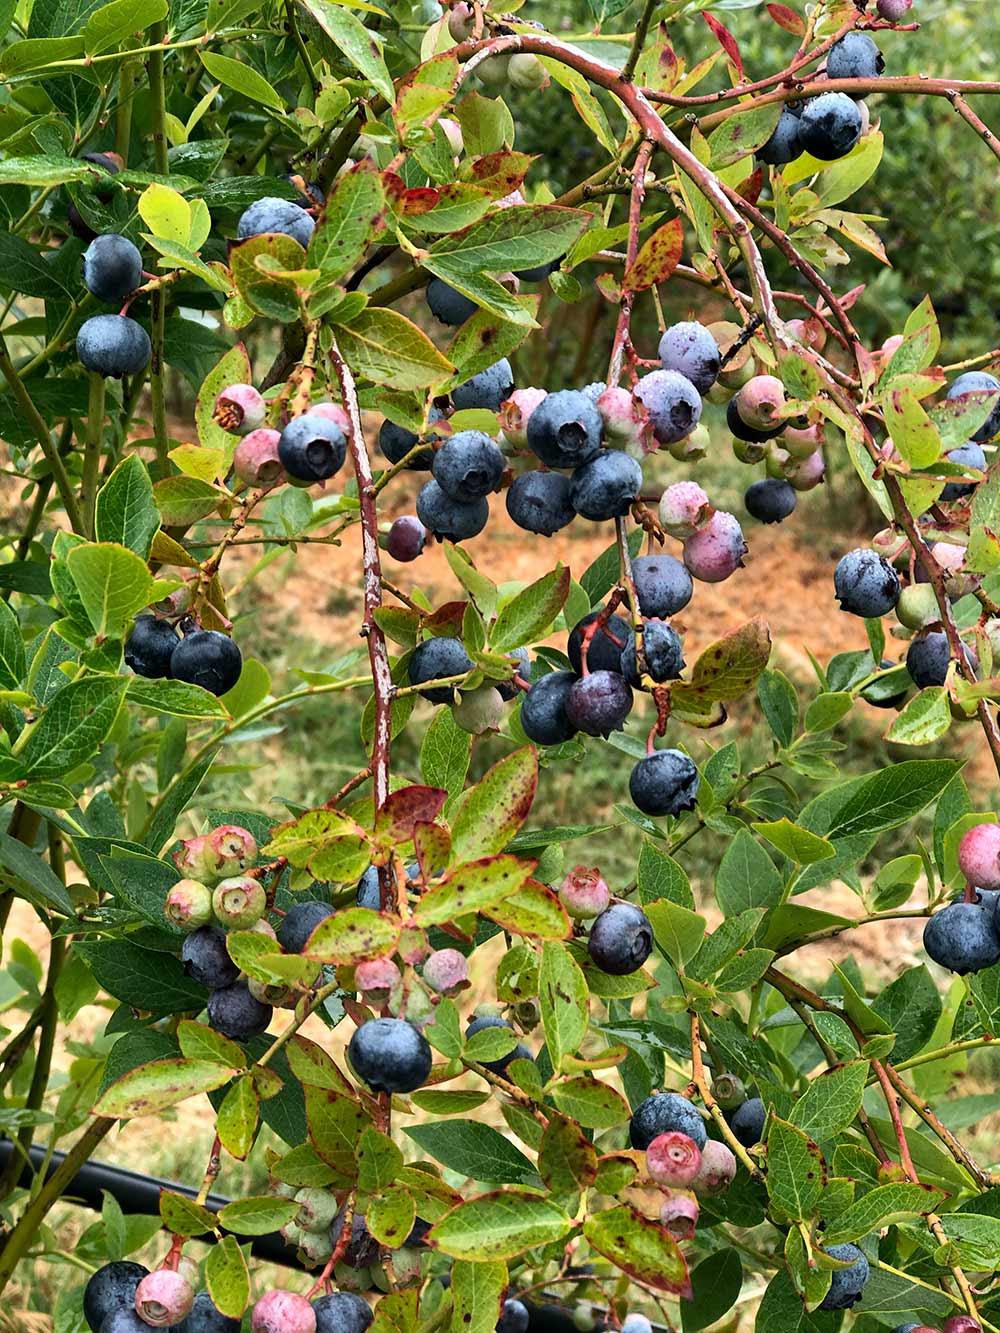 duckworth fermes bleuets sur vigne